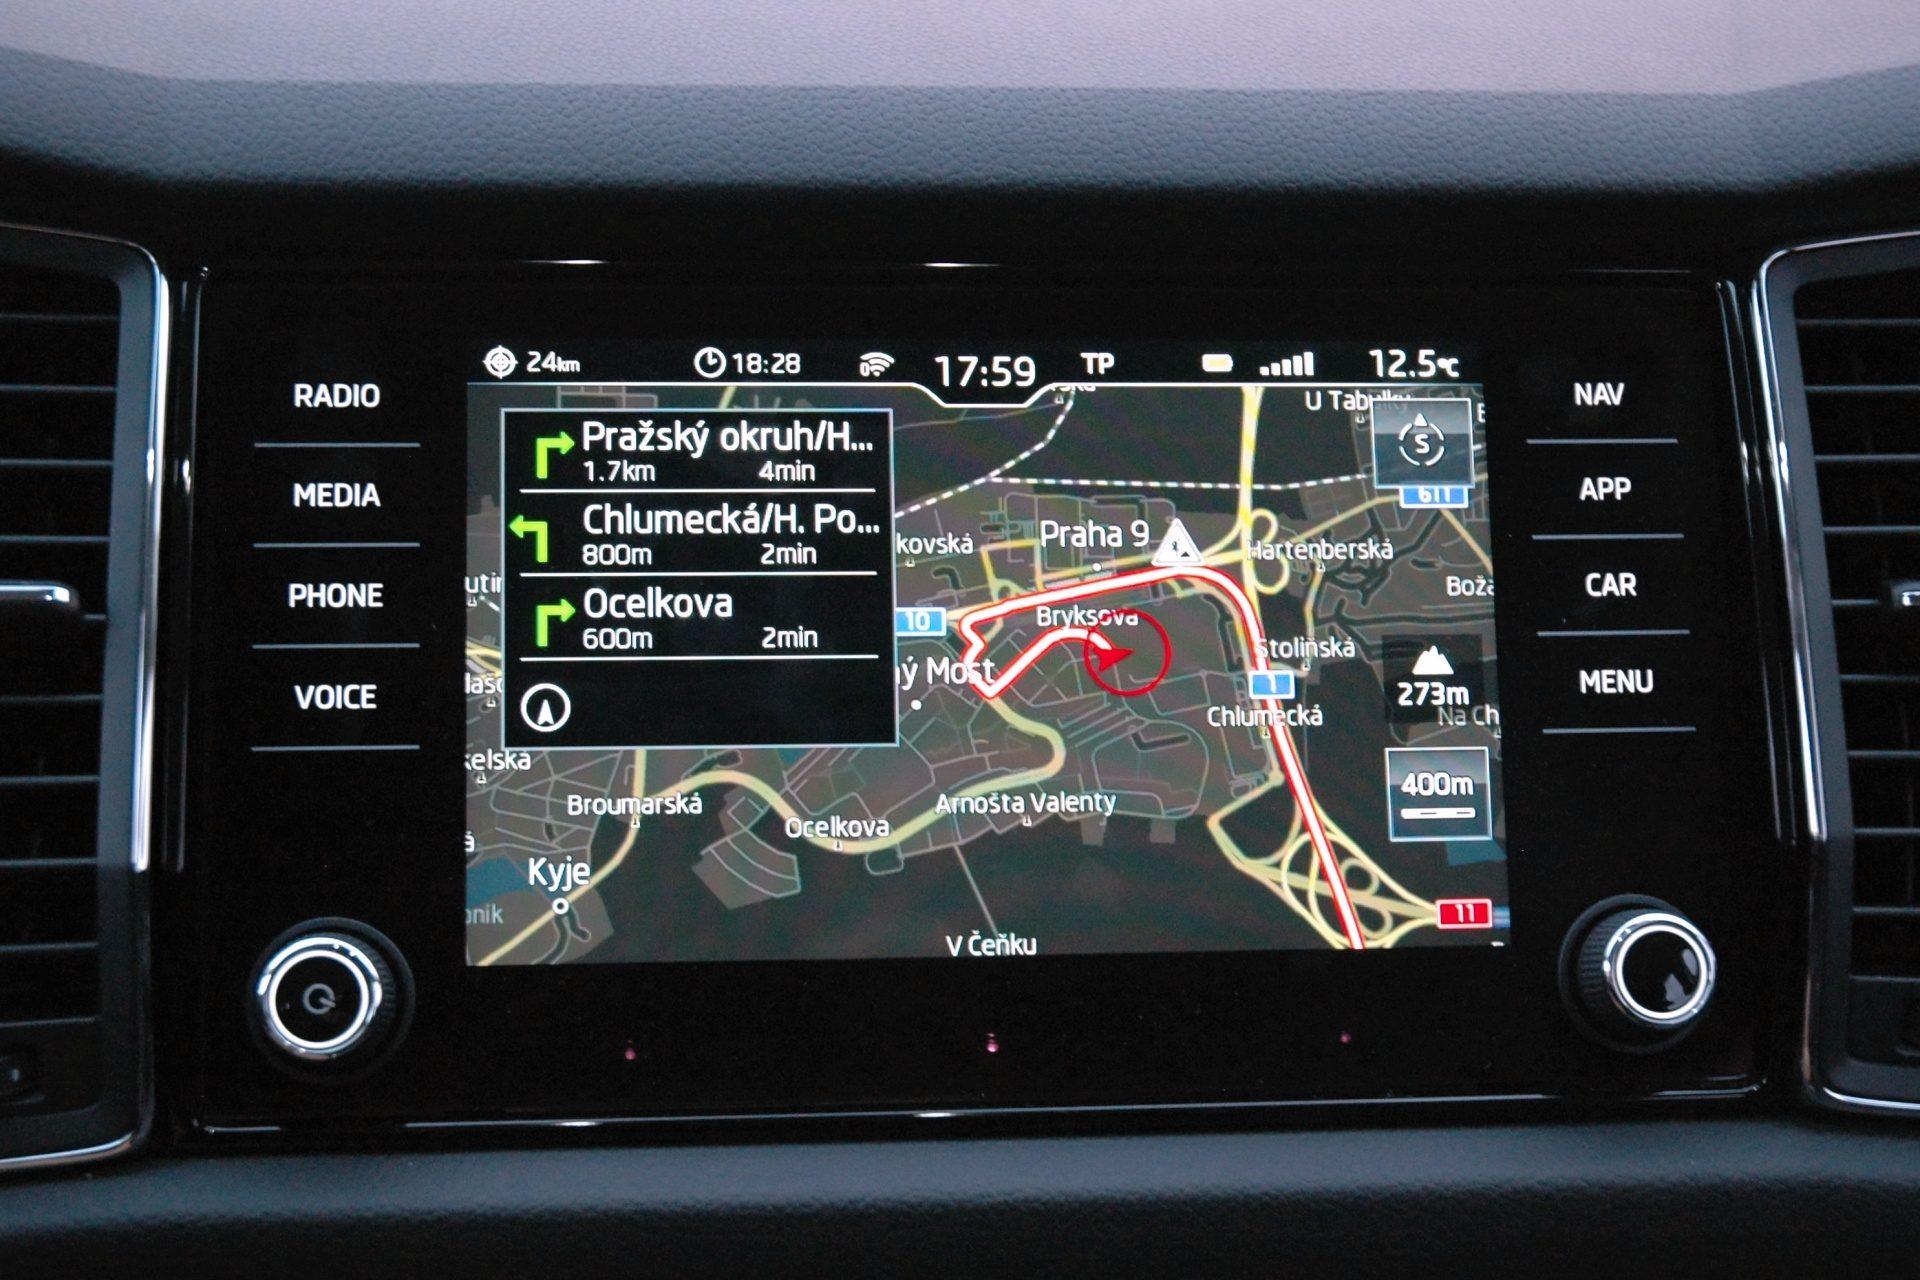 Škoda Kodiaq infotainment